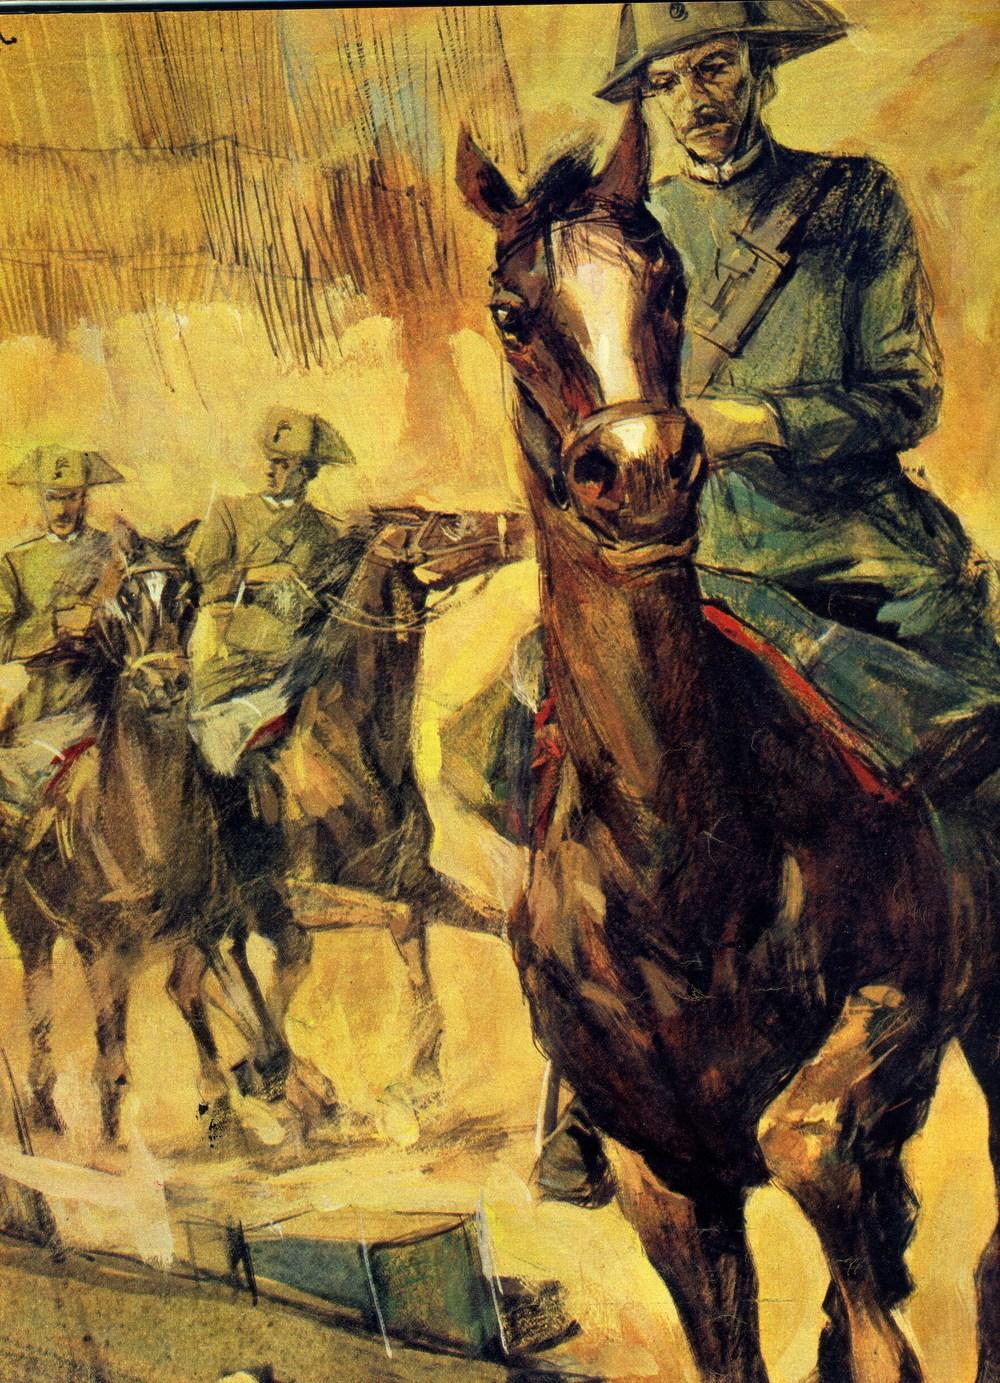 I primi Carabinieri a cavallo entrano in Gorizia liberata il 9 agosto del 1916 (particolare dalla tavola del pittore Alfonso Artioli)